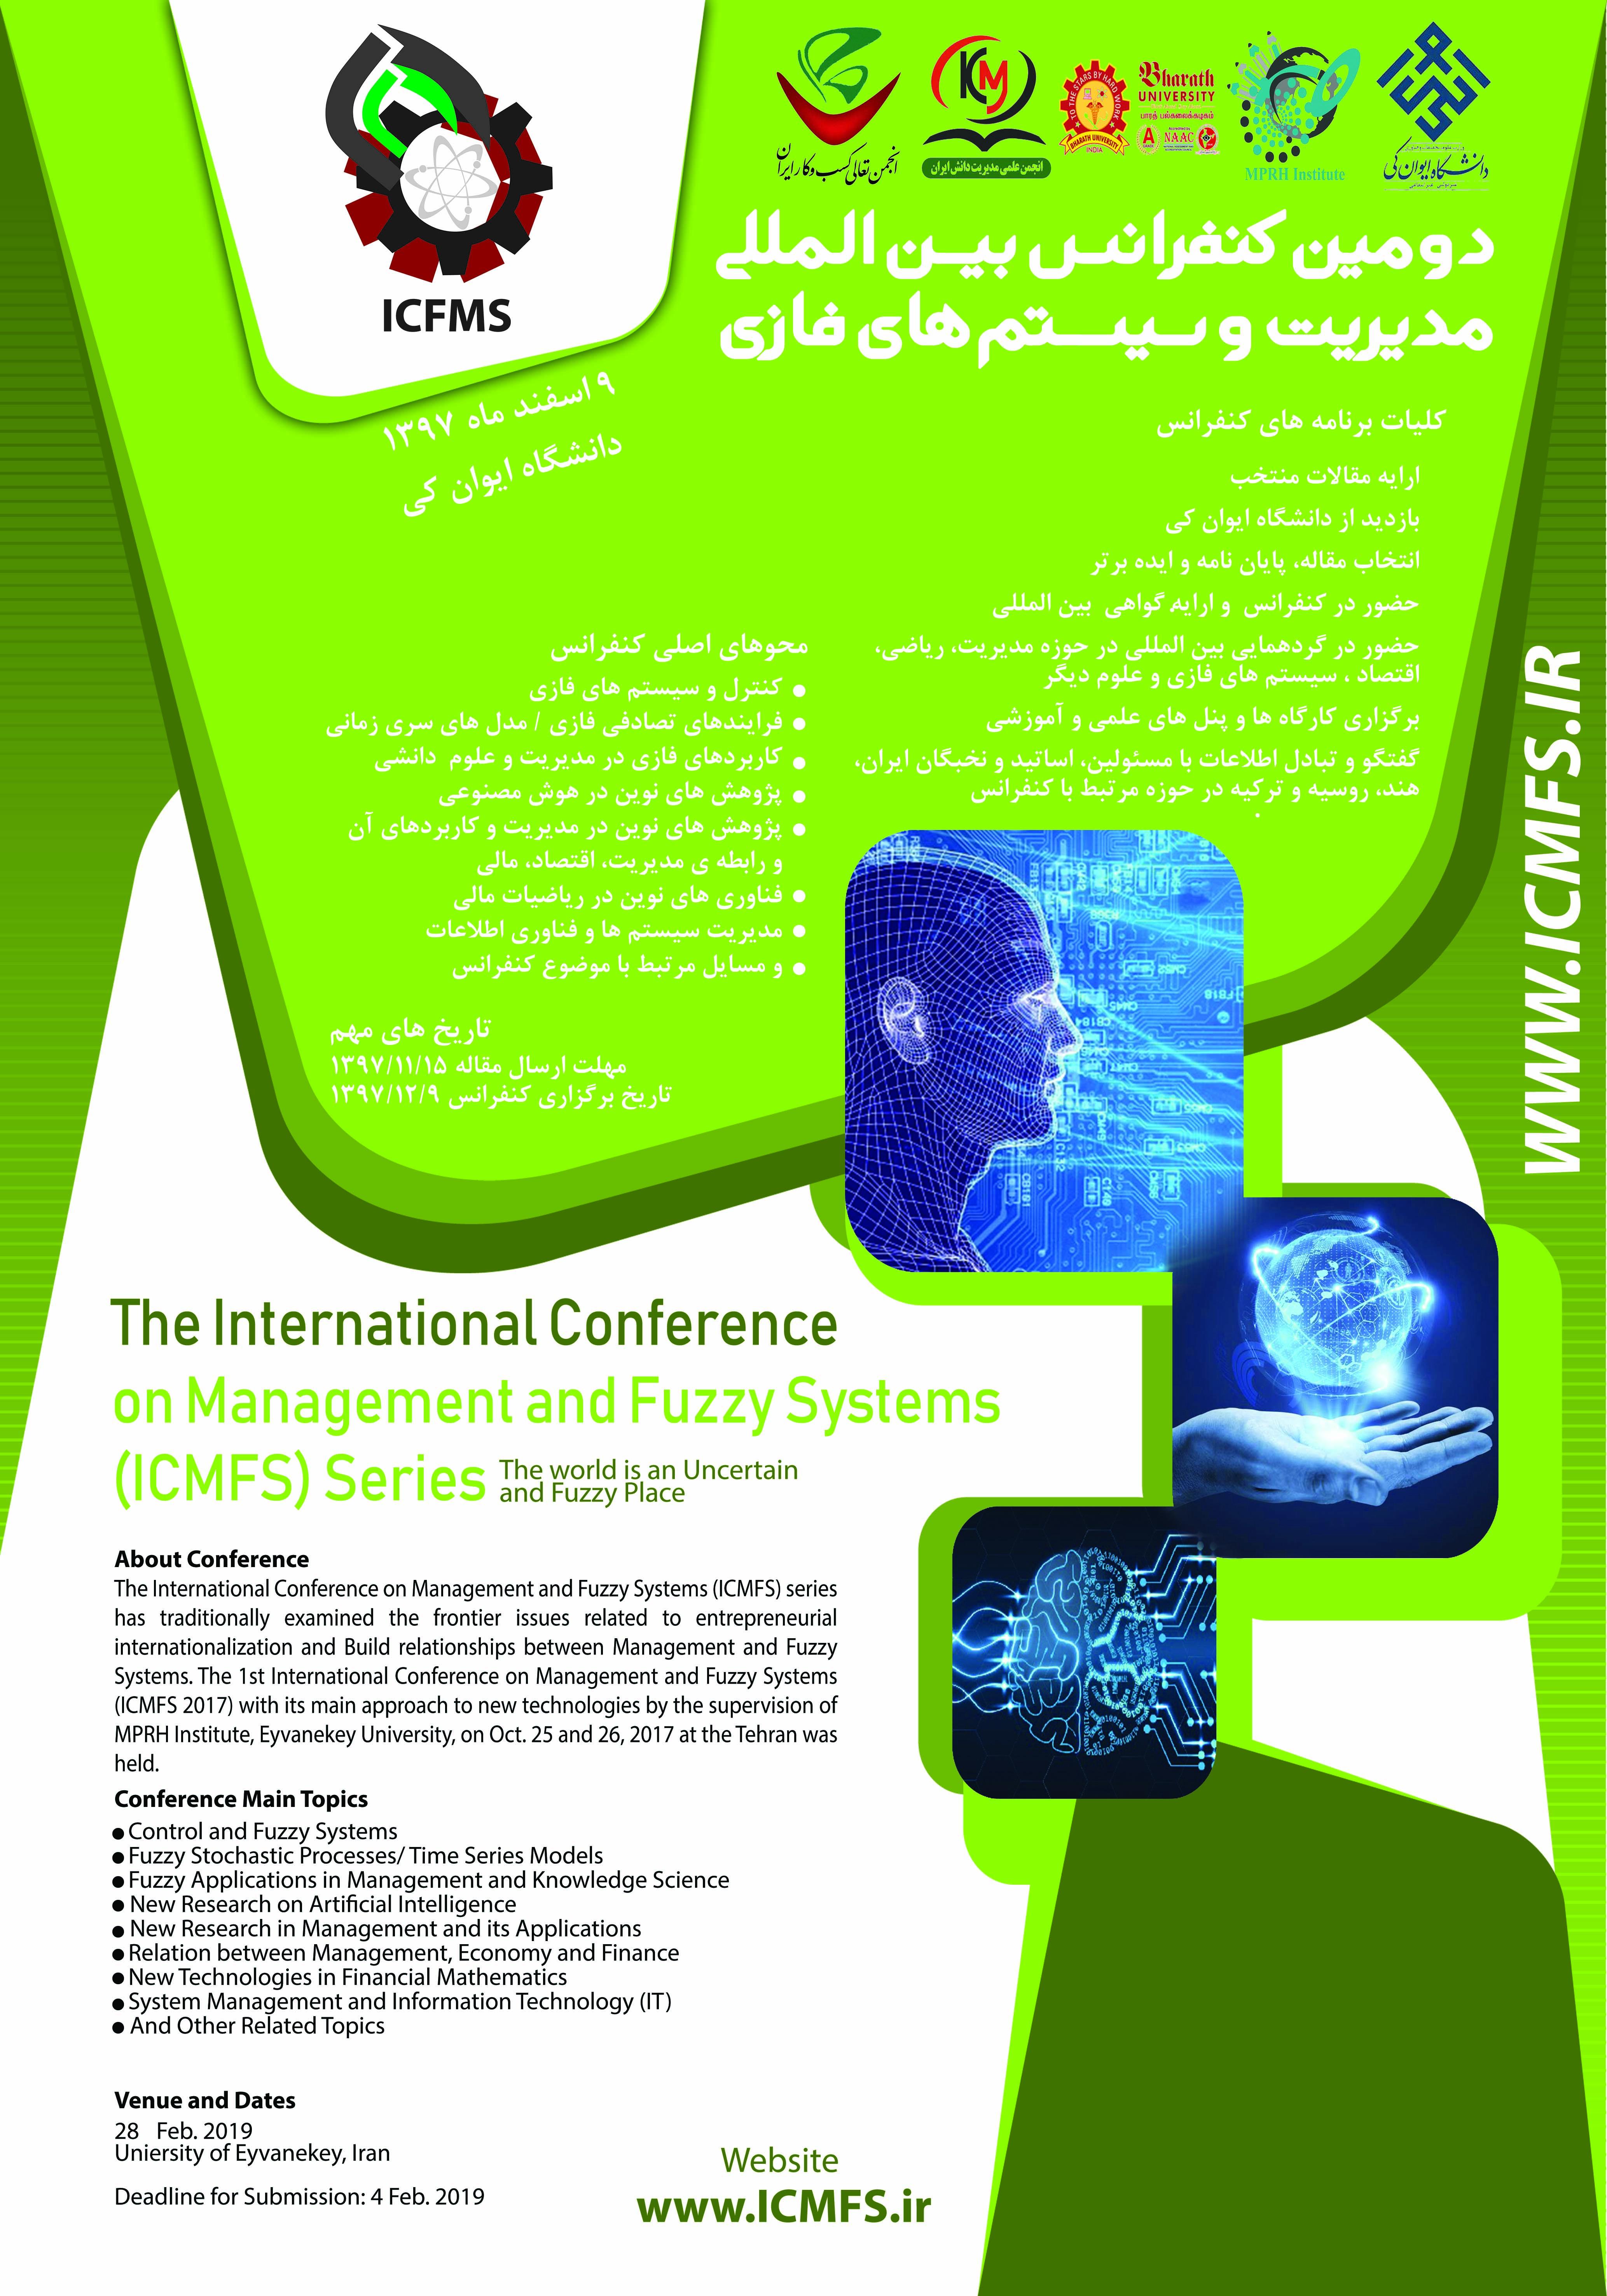 دومین کنفرانس بین المللی مدیریت و سیستم های فازی